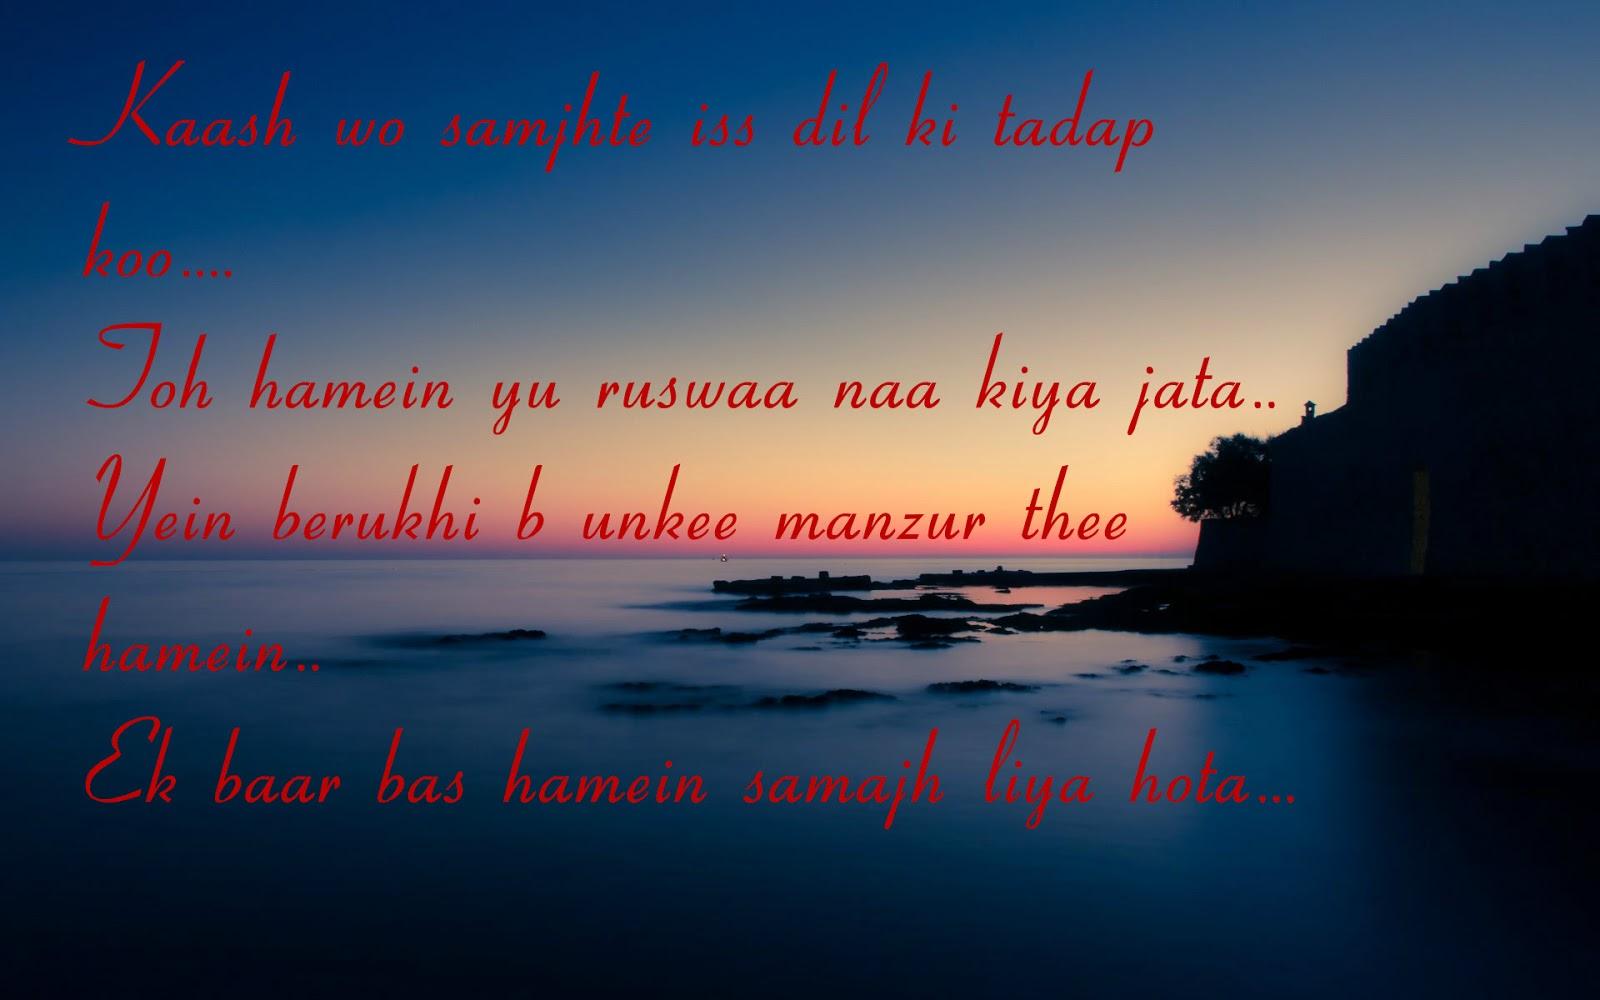 ... love,hindi love shayari,shayari love,shayari image,funny shayari,hindi